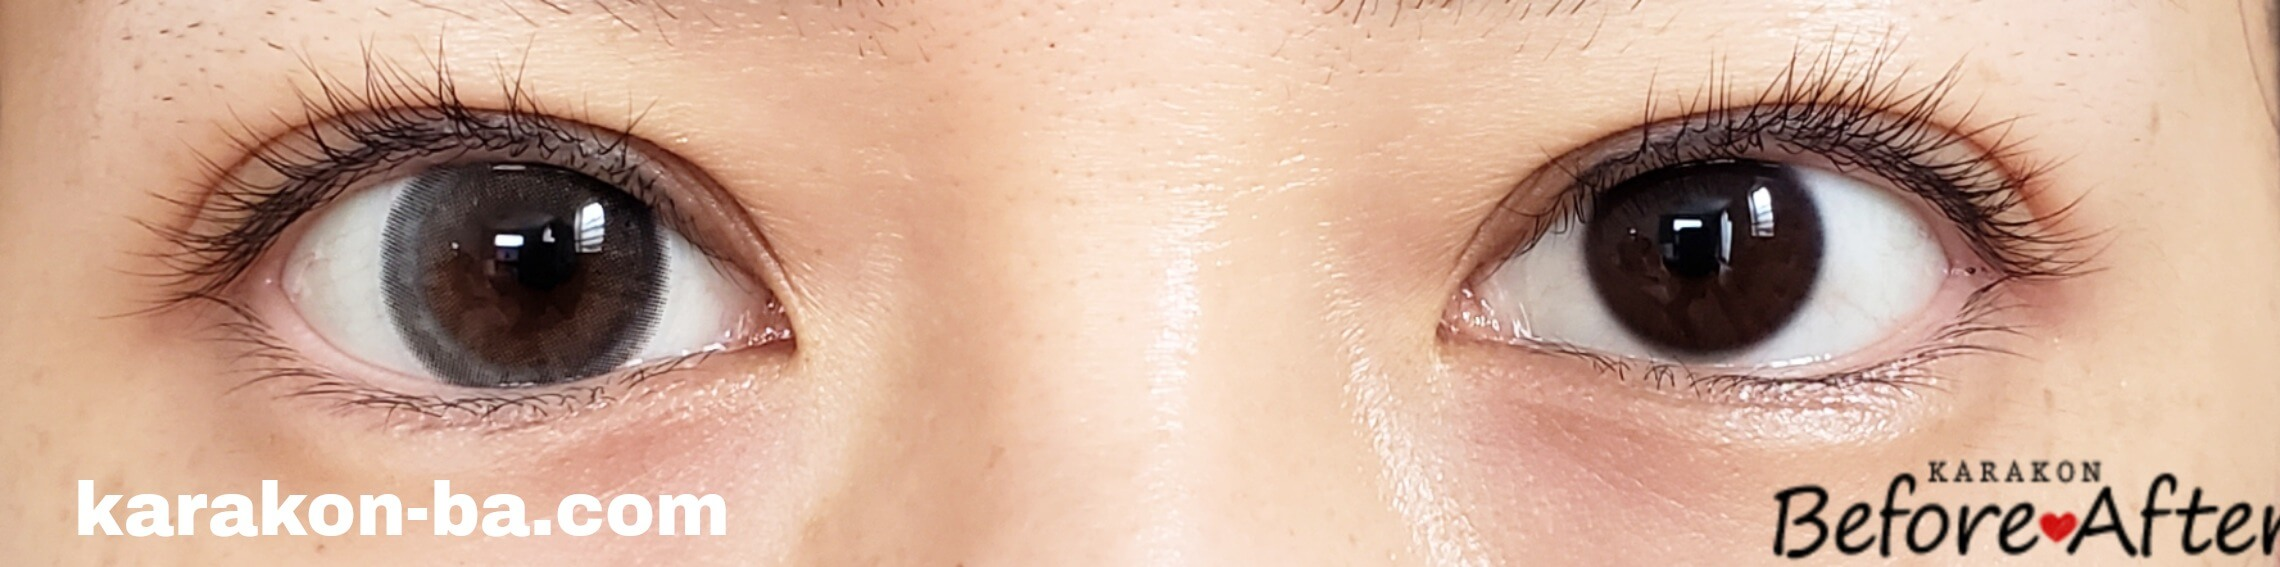 クリアグレーのカラコン装着画像/裸眼と比較